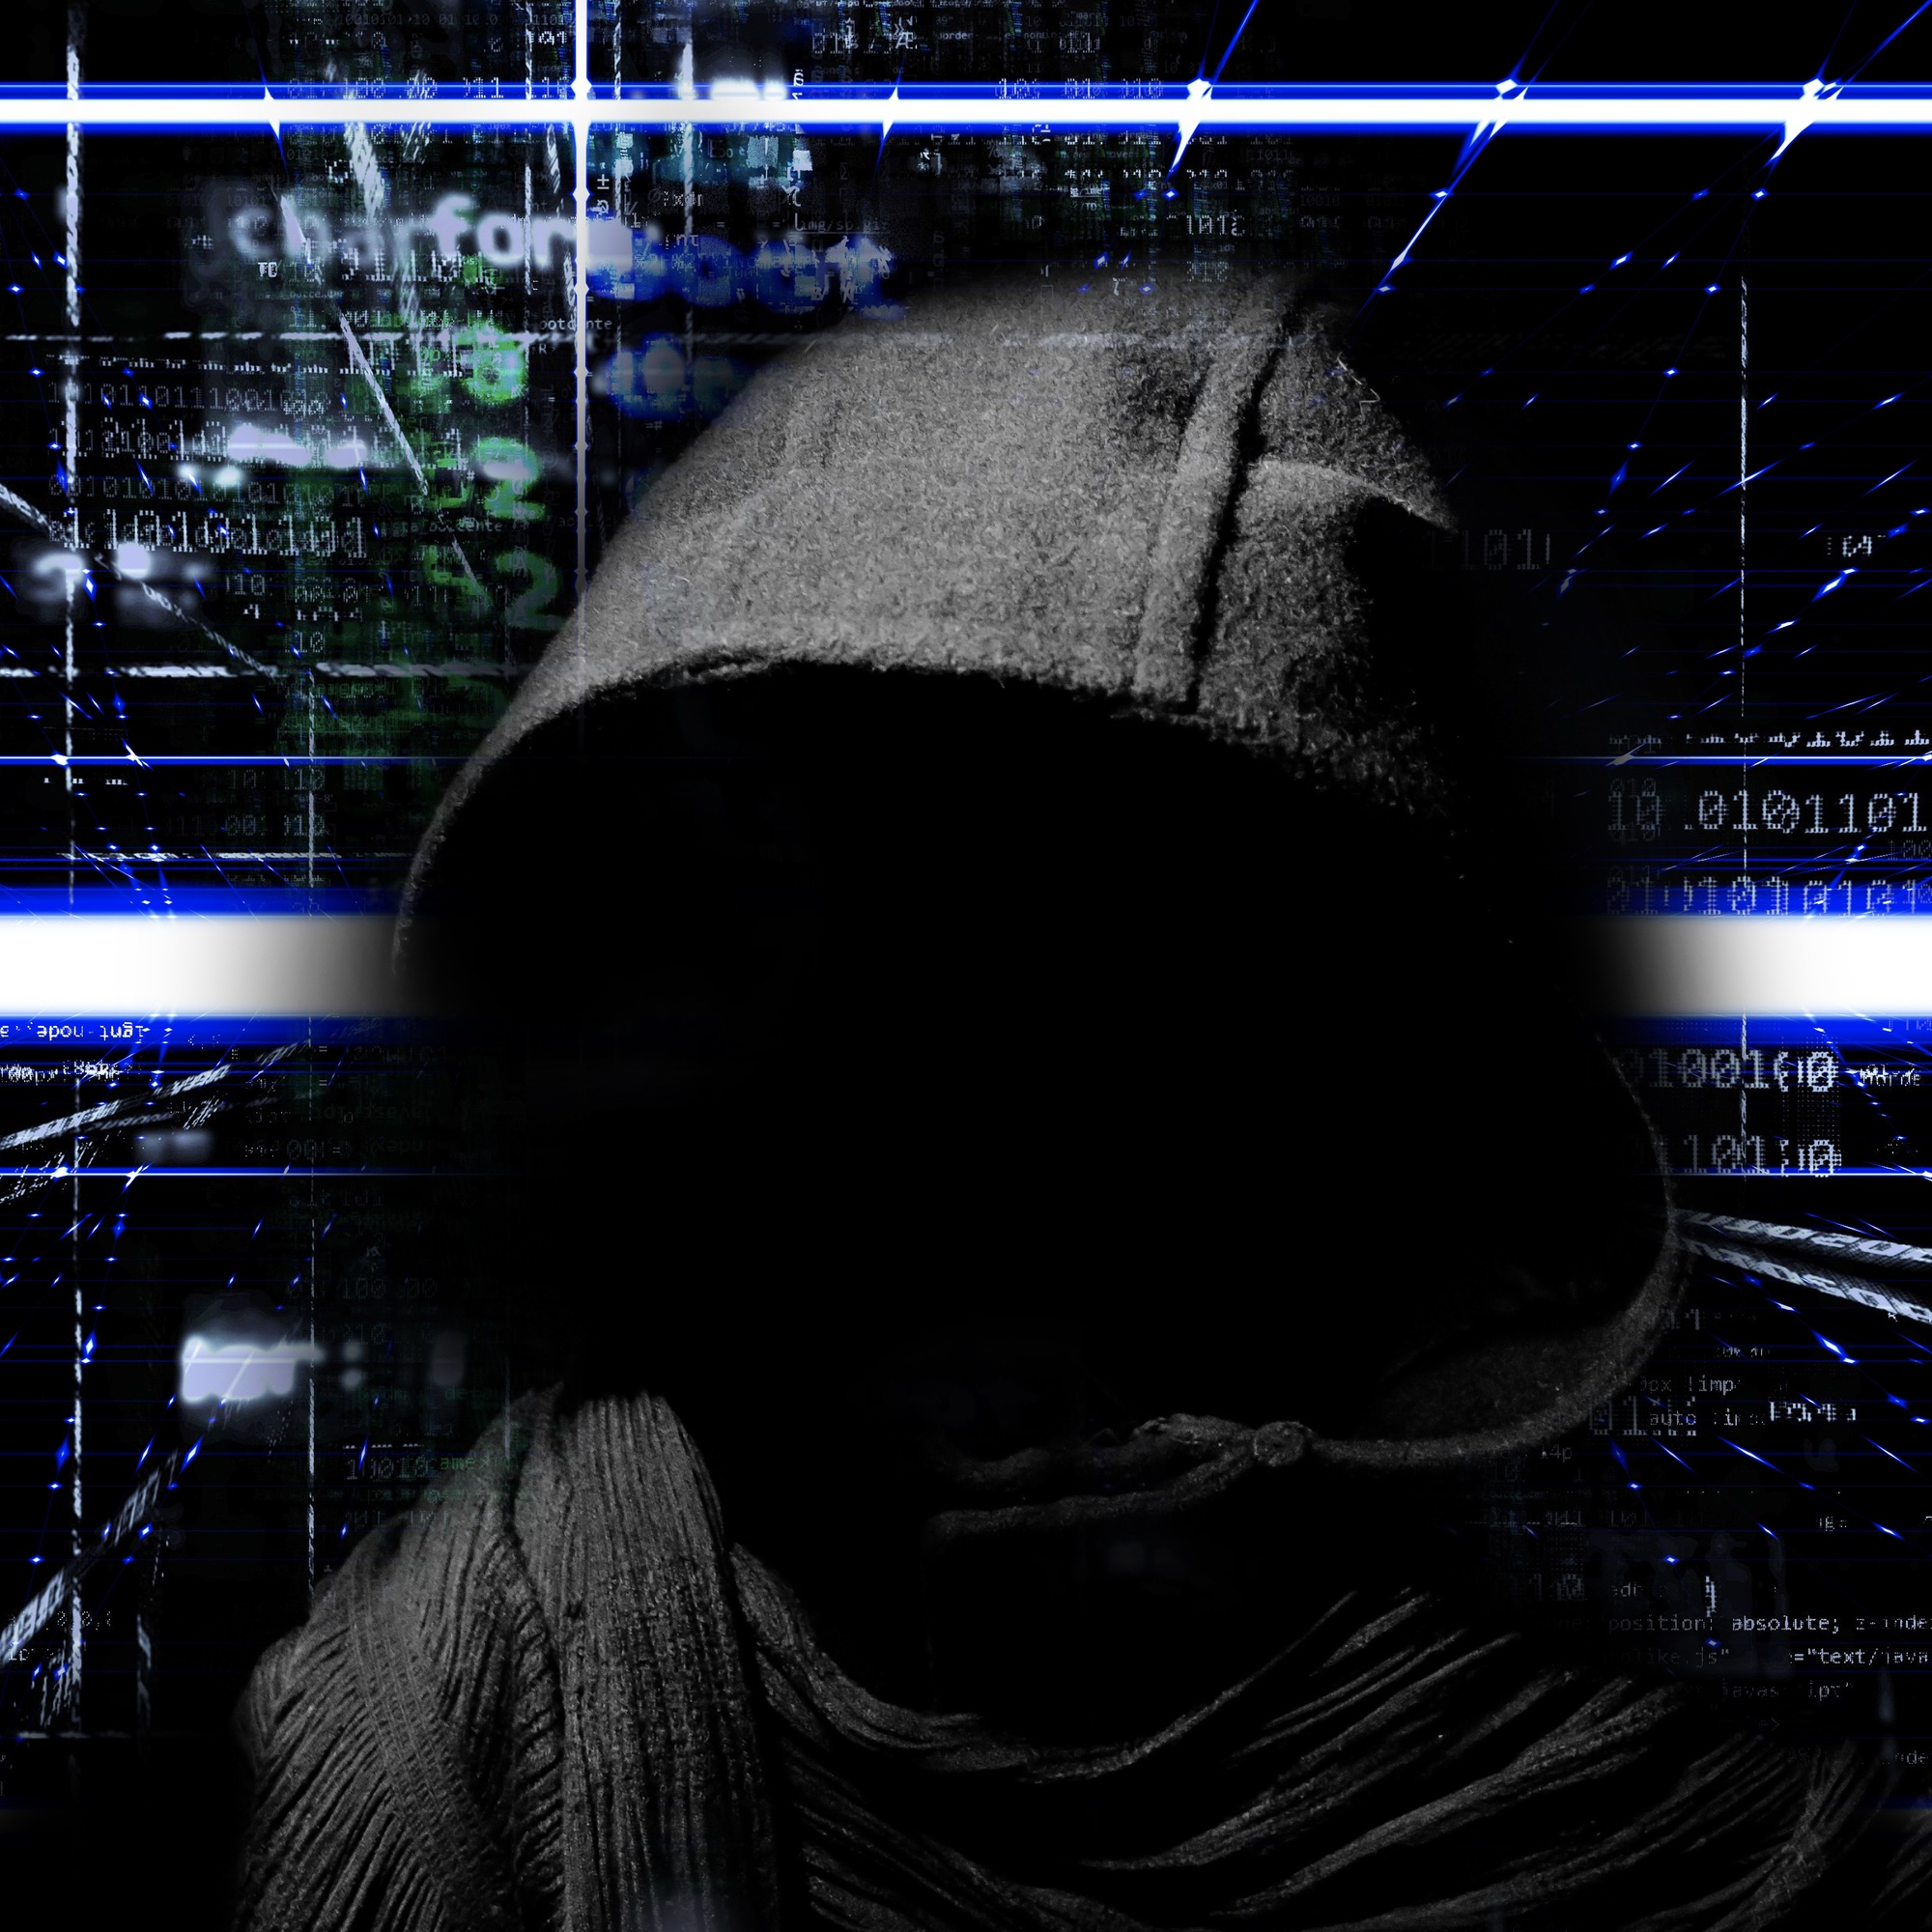 Bild: Medientypisches Klischeebild von einem Hacker mit Hoodie in schwarzer Umgebung